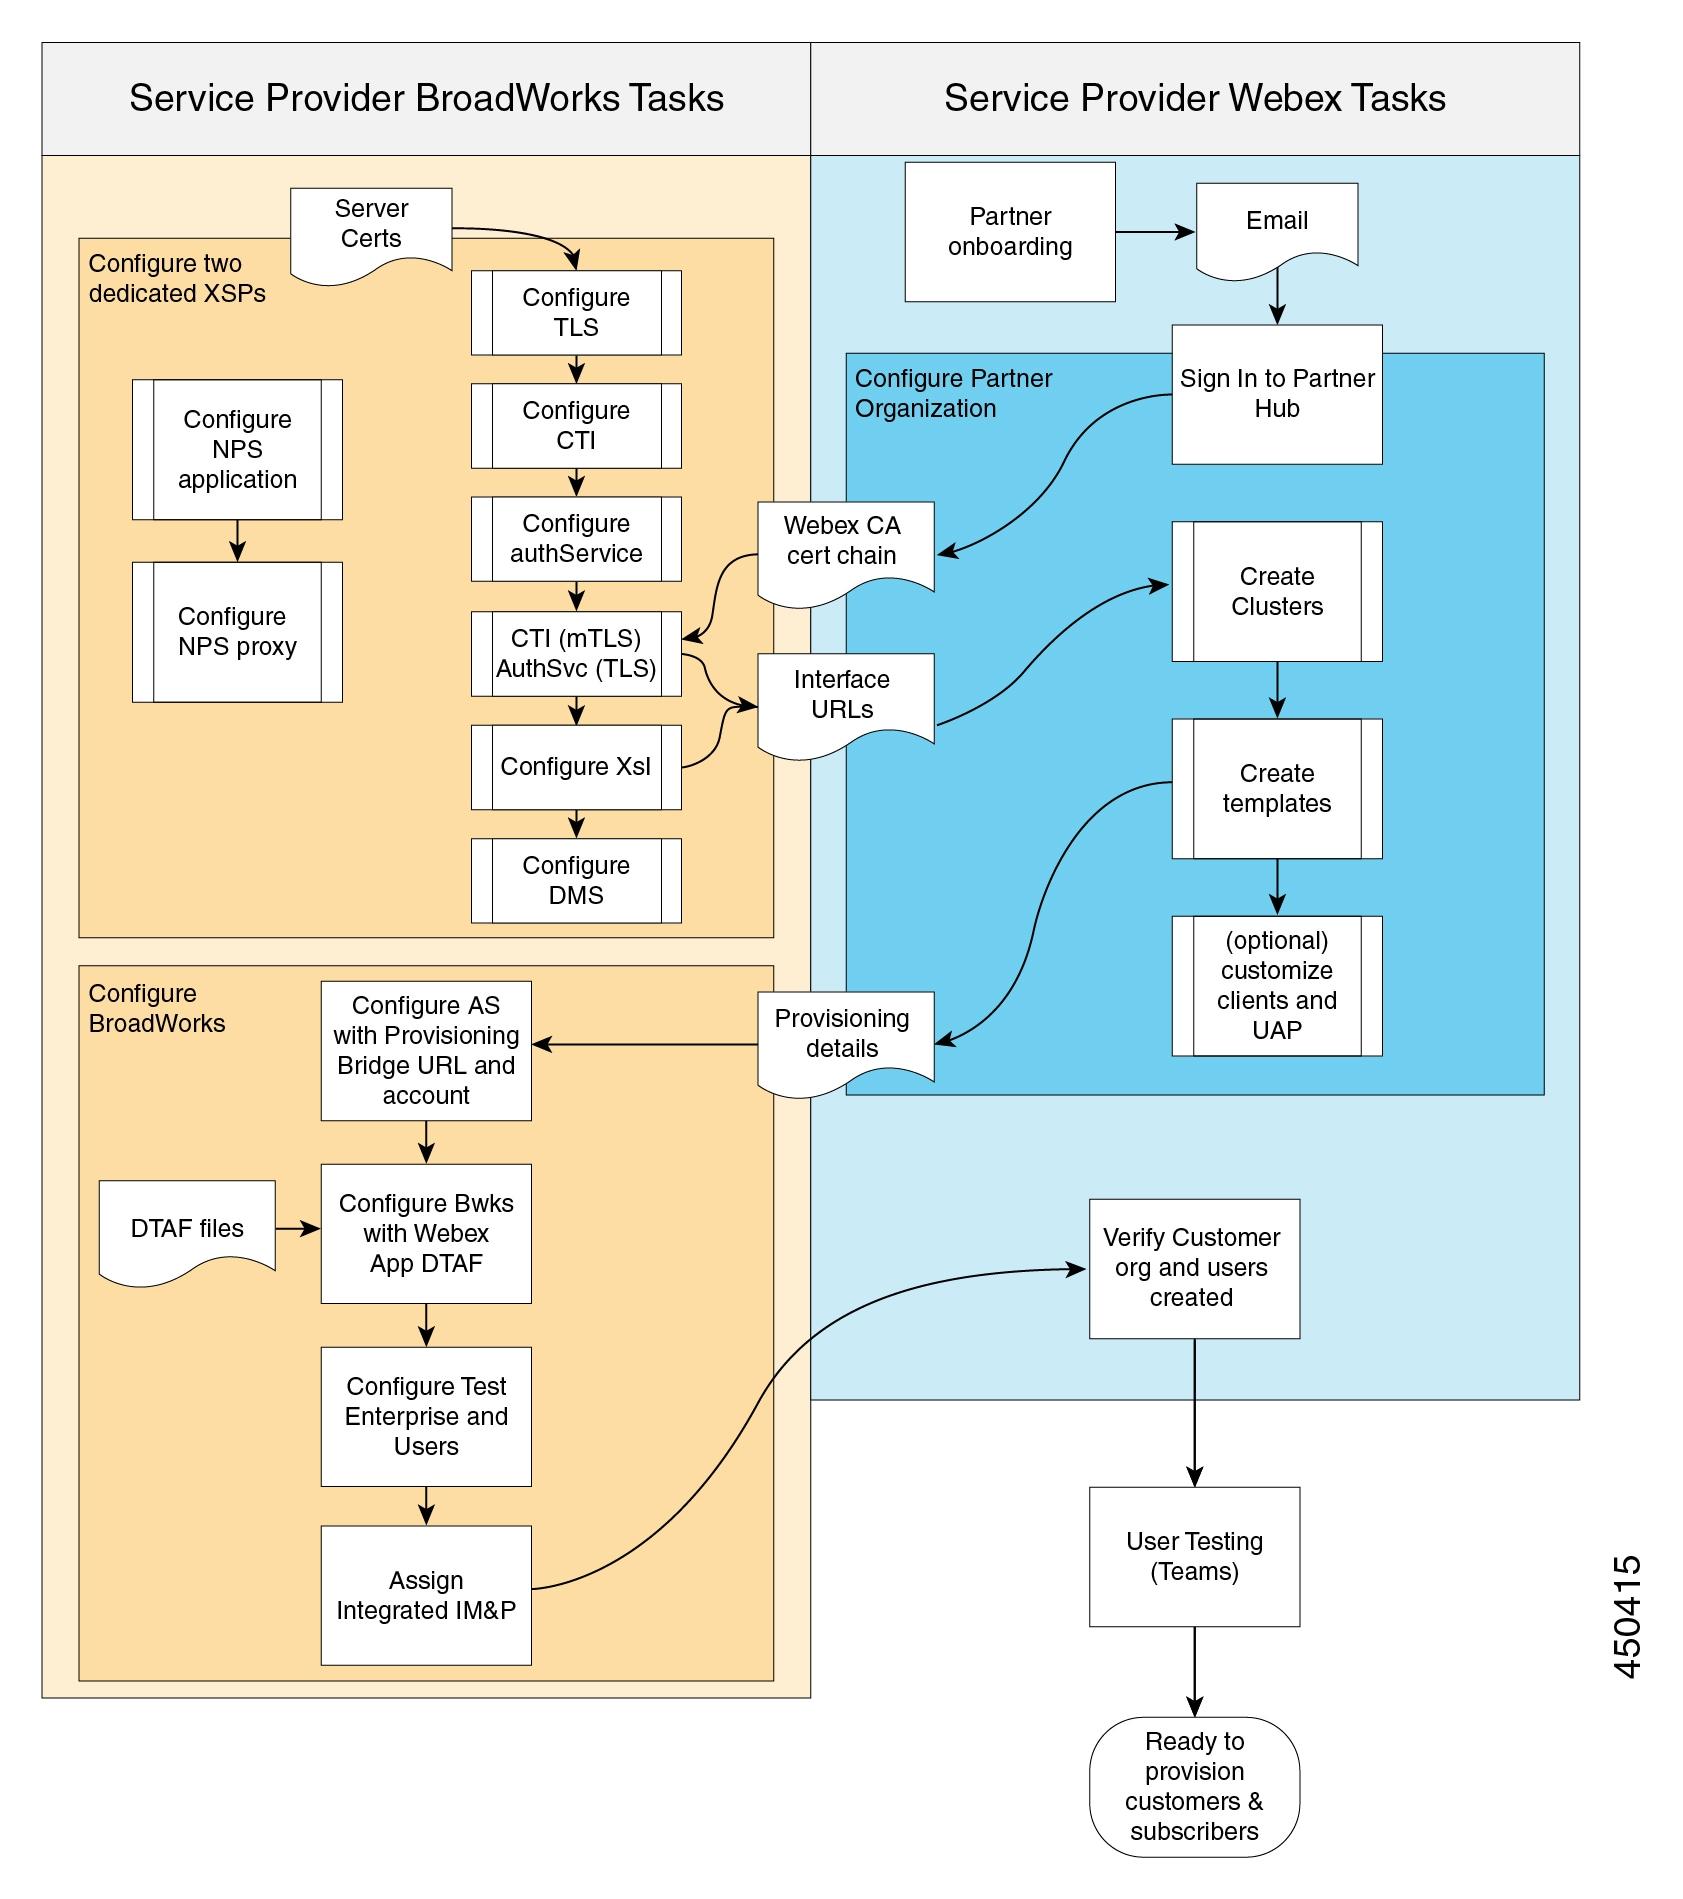 Viser rækkefølgen af opgaver, der kræves for implementering af Webex til BroadWorks med flow-through klargøring og betroede e-mails